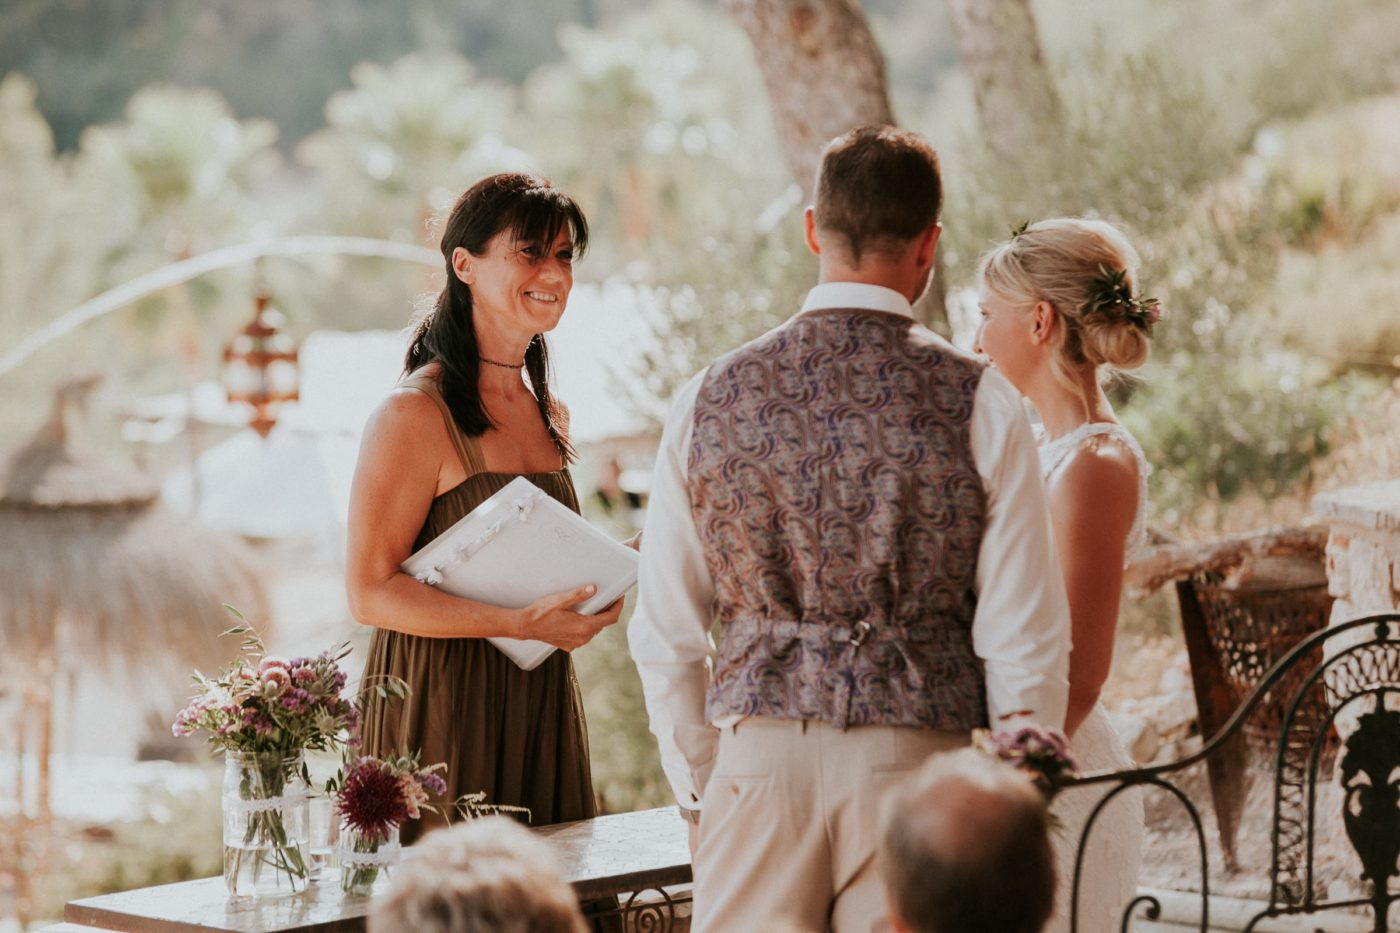 Das Brautpaar und ich lächeln und während der Zeremonie an.